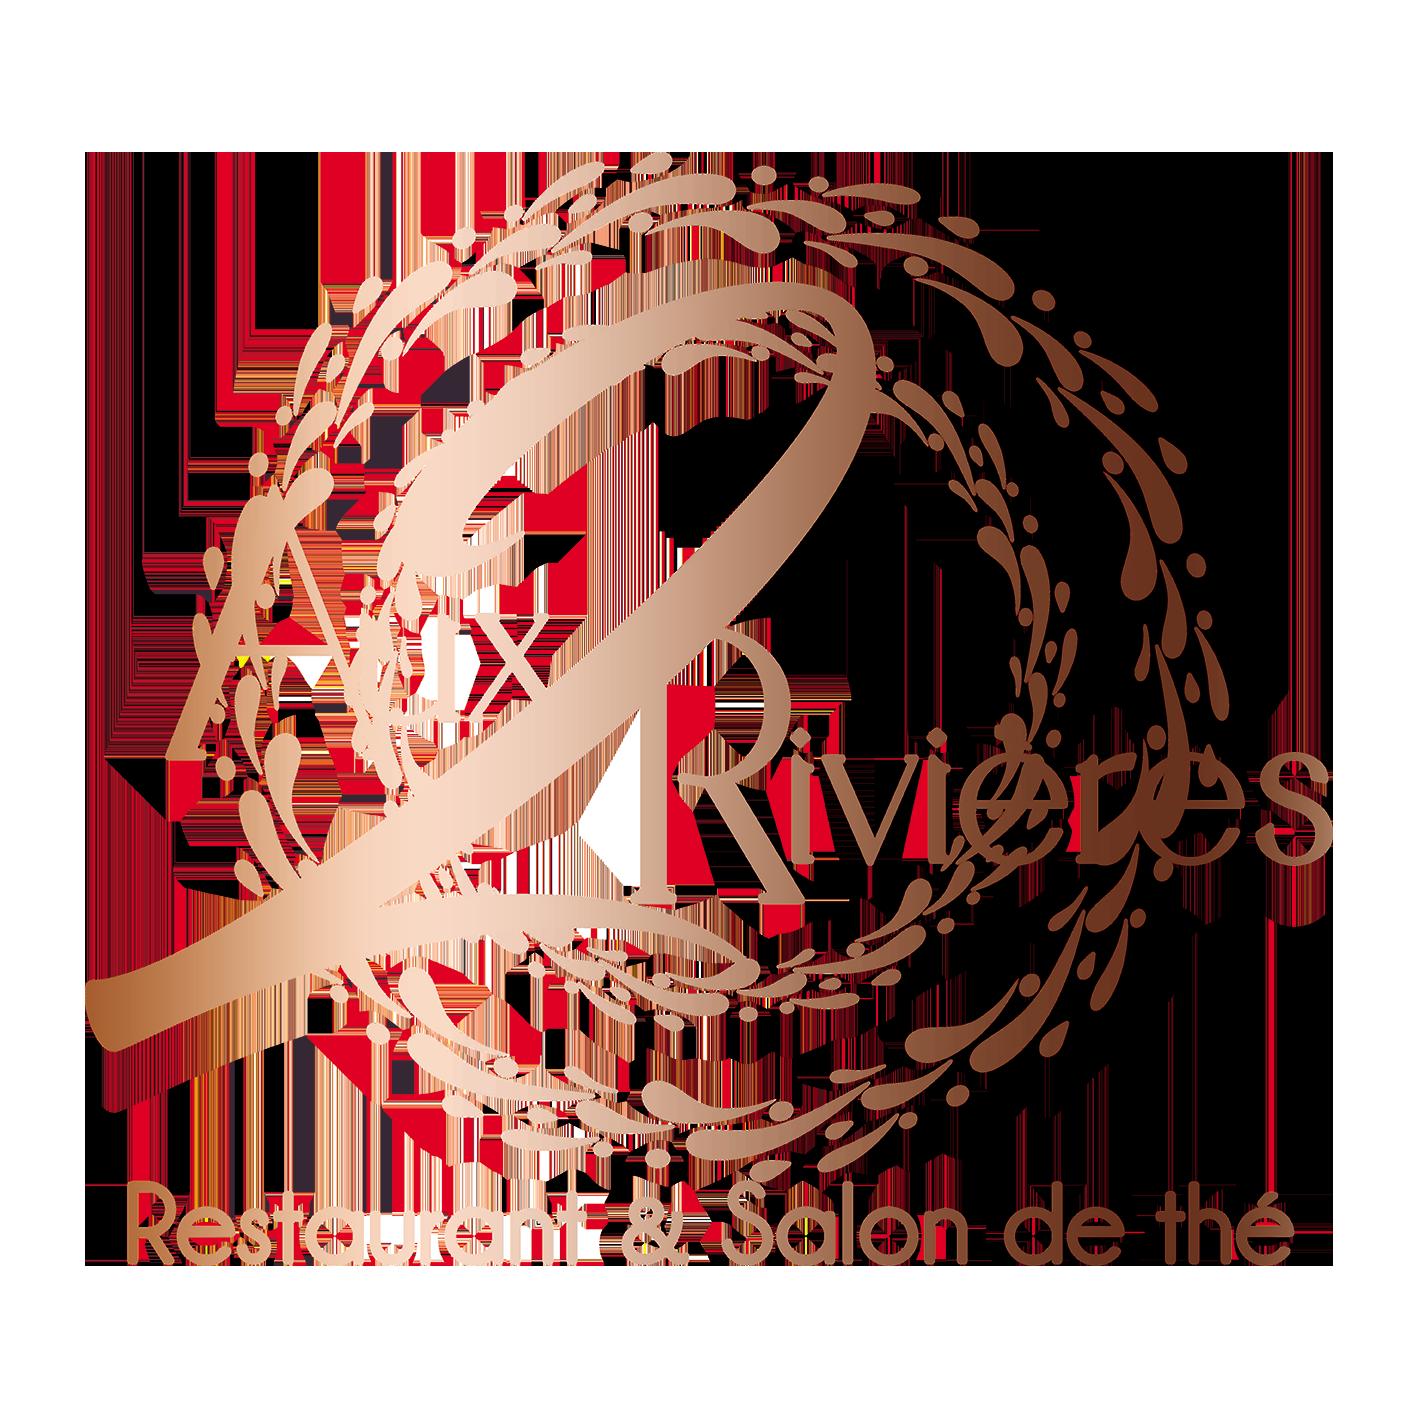 Aux 2 rivières Restaurant & Salon de thé